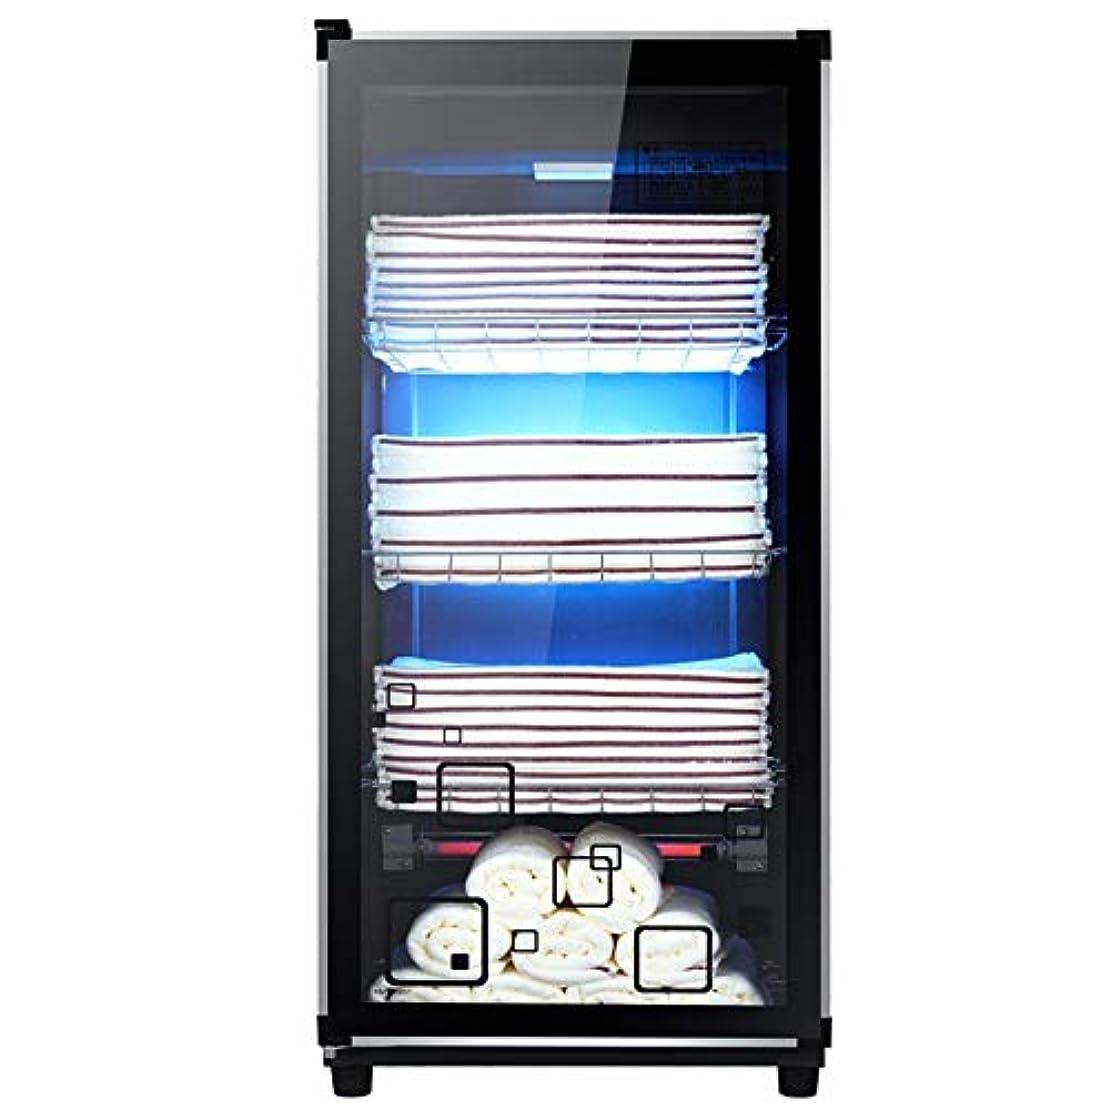 報酬騒々しいマーチャンダイザー3 in 1 UVオゾン滅菌器キャビネットホットタオルウォーマーキャビネットウェットタオルヒーター、レストランサロン用スパマッサージヘアビューティー(4層)